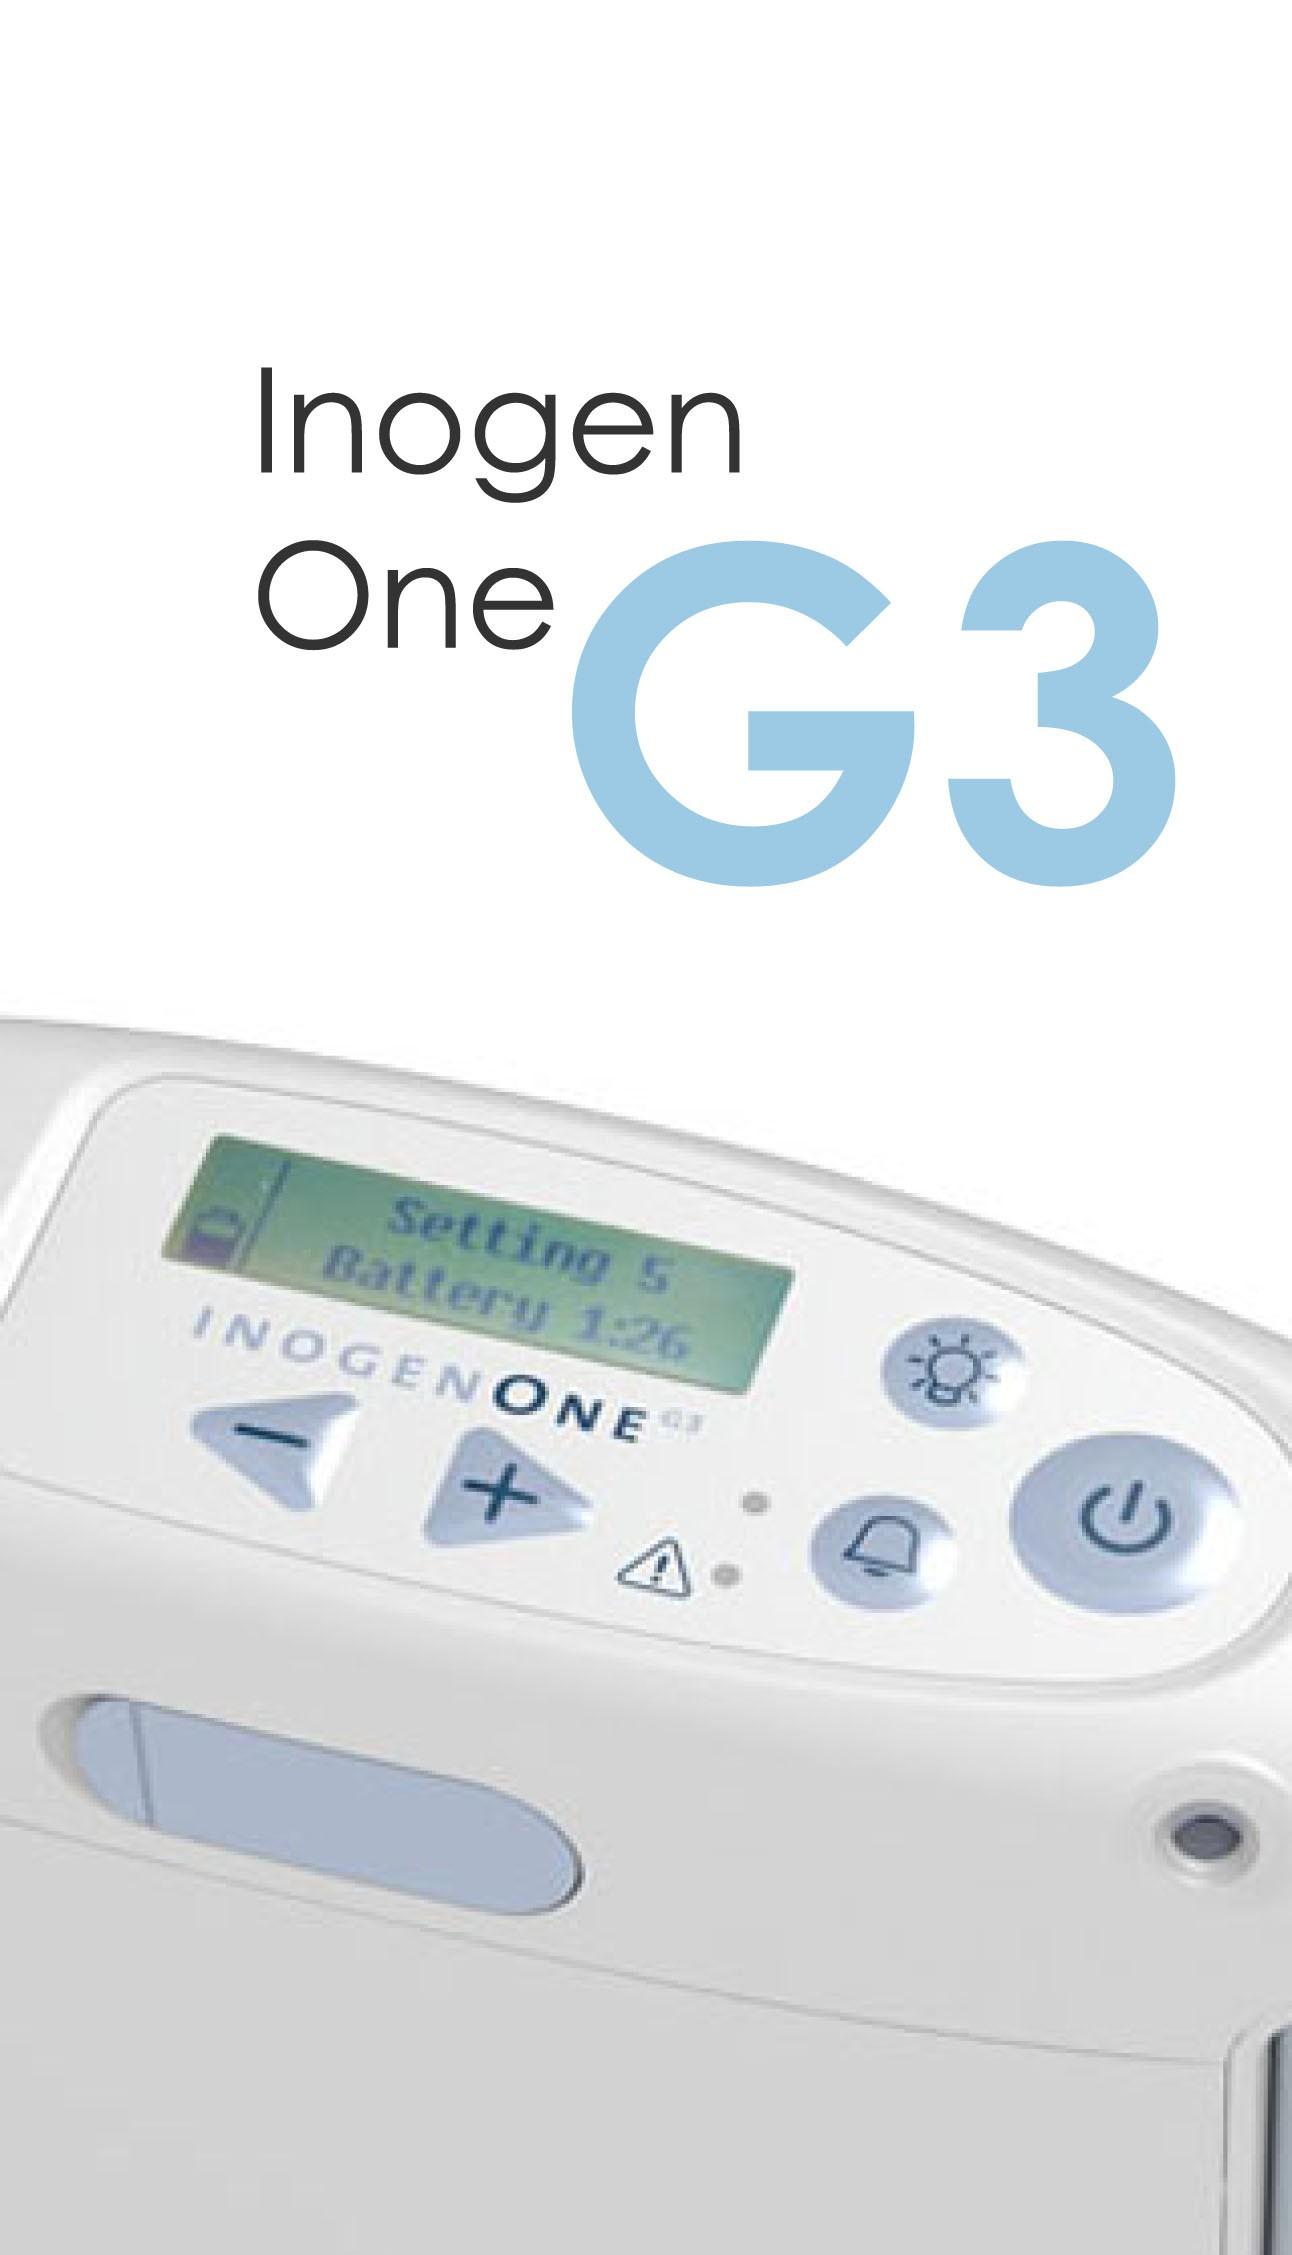 Inogen One G3